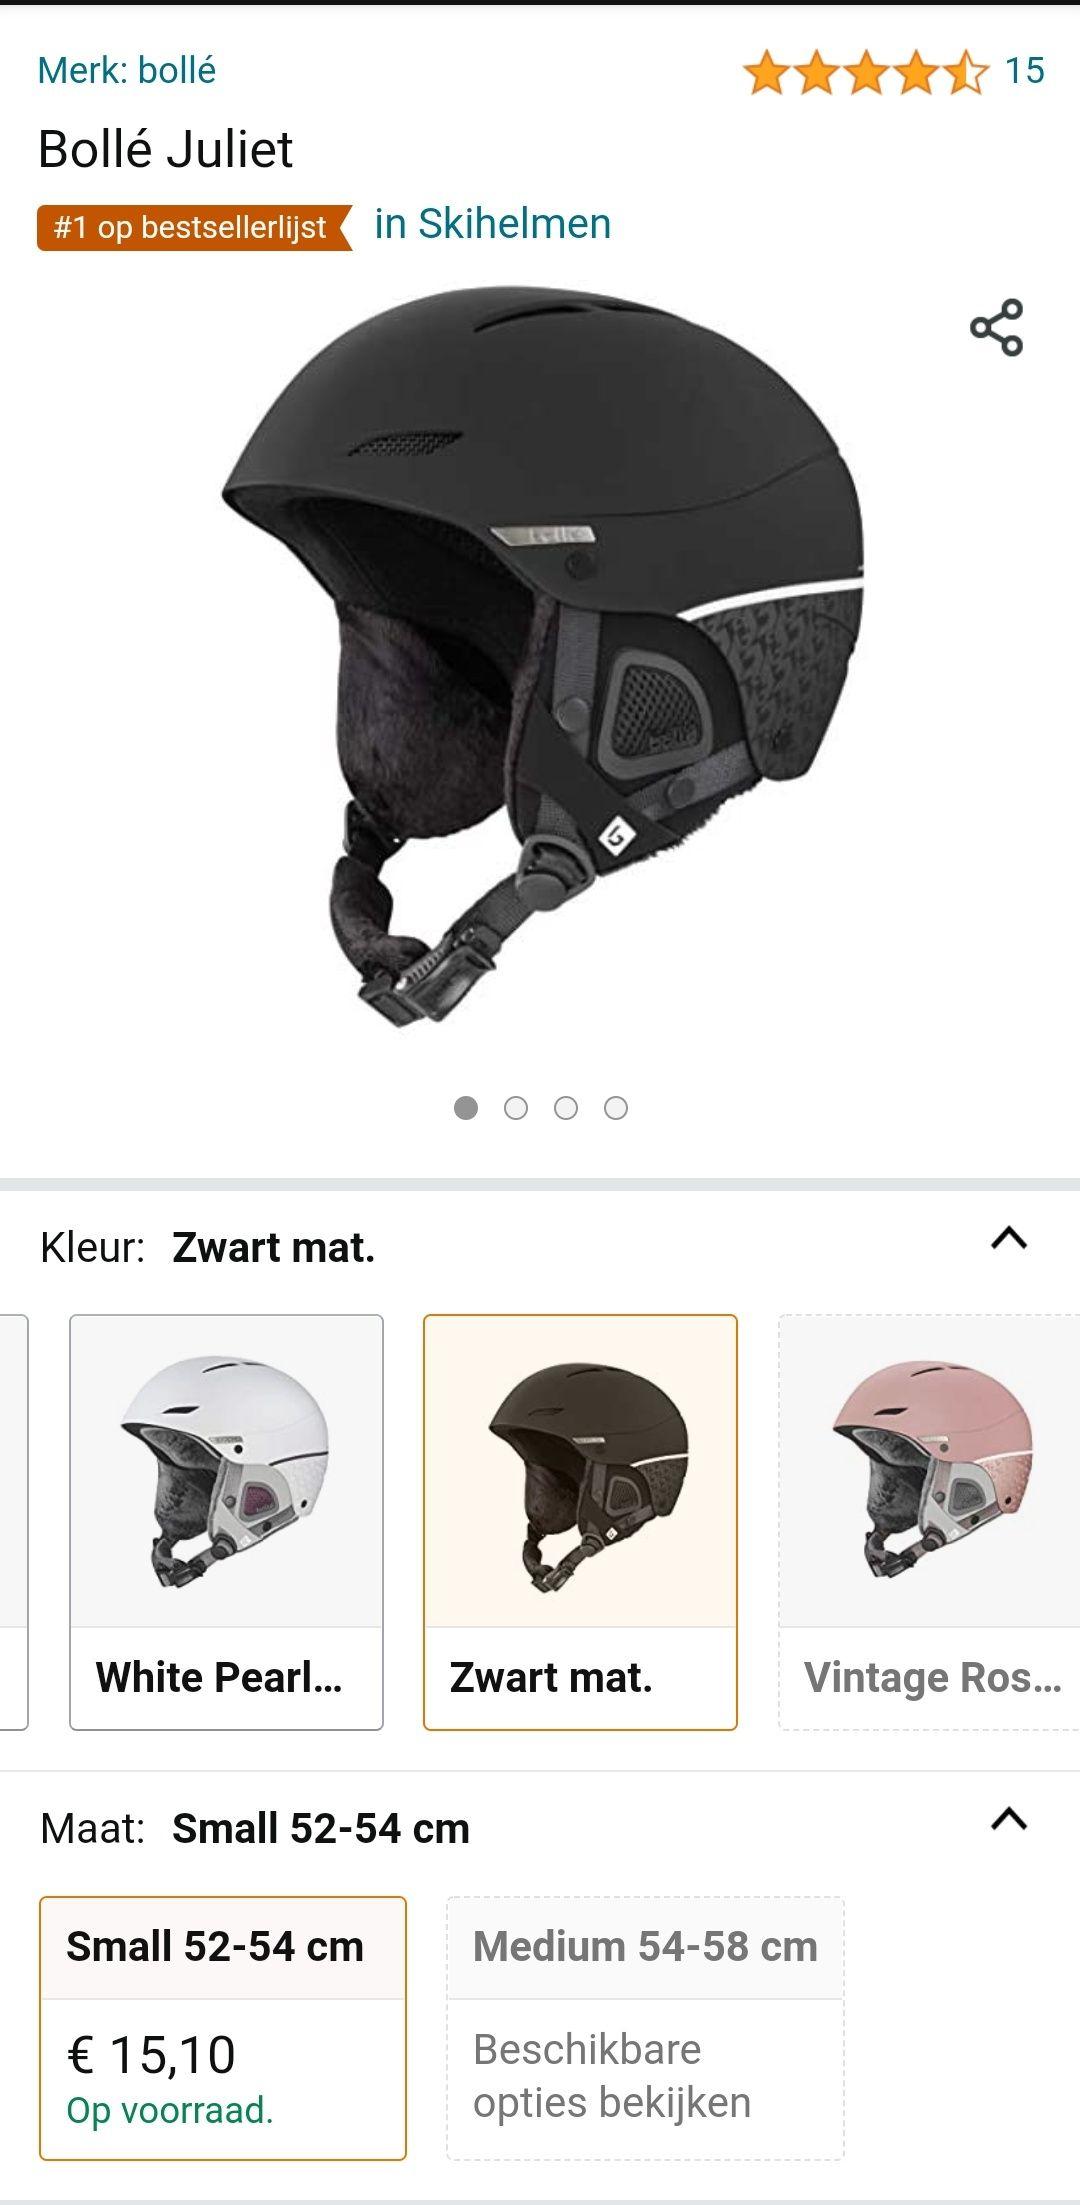 [SUPER DEAL] Bollé Helm zwart small 52-54cm